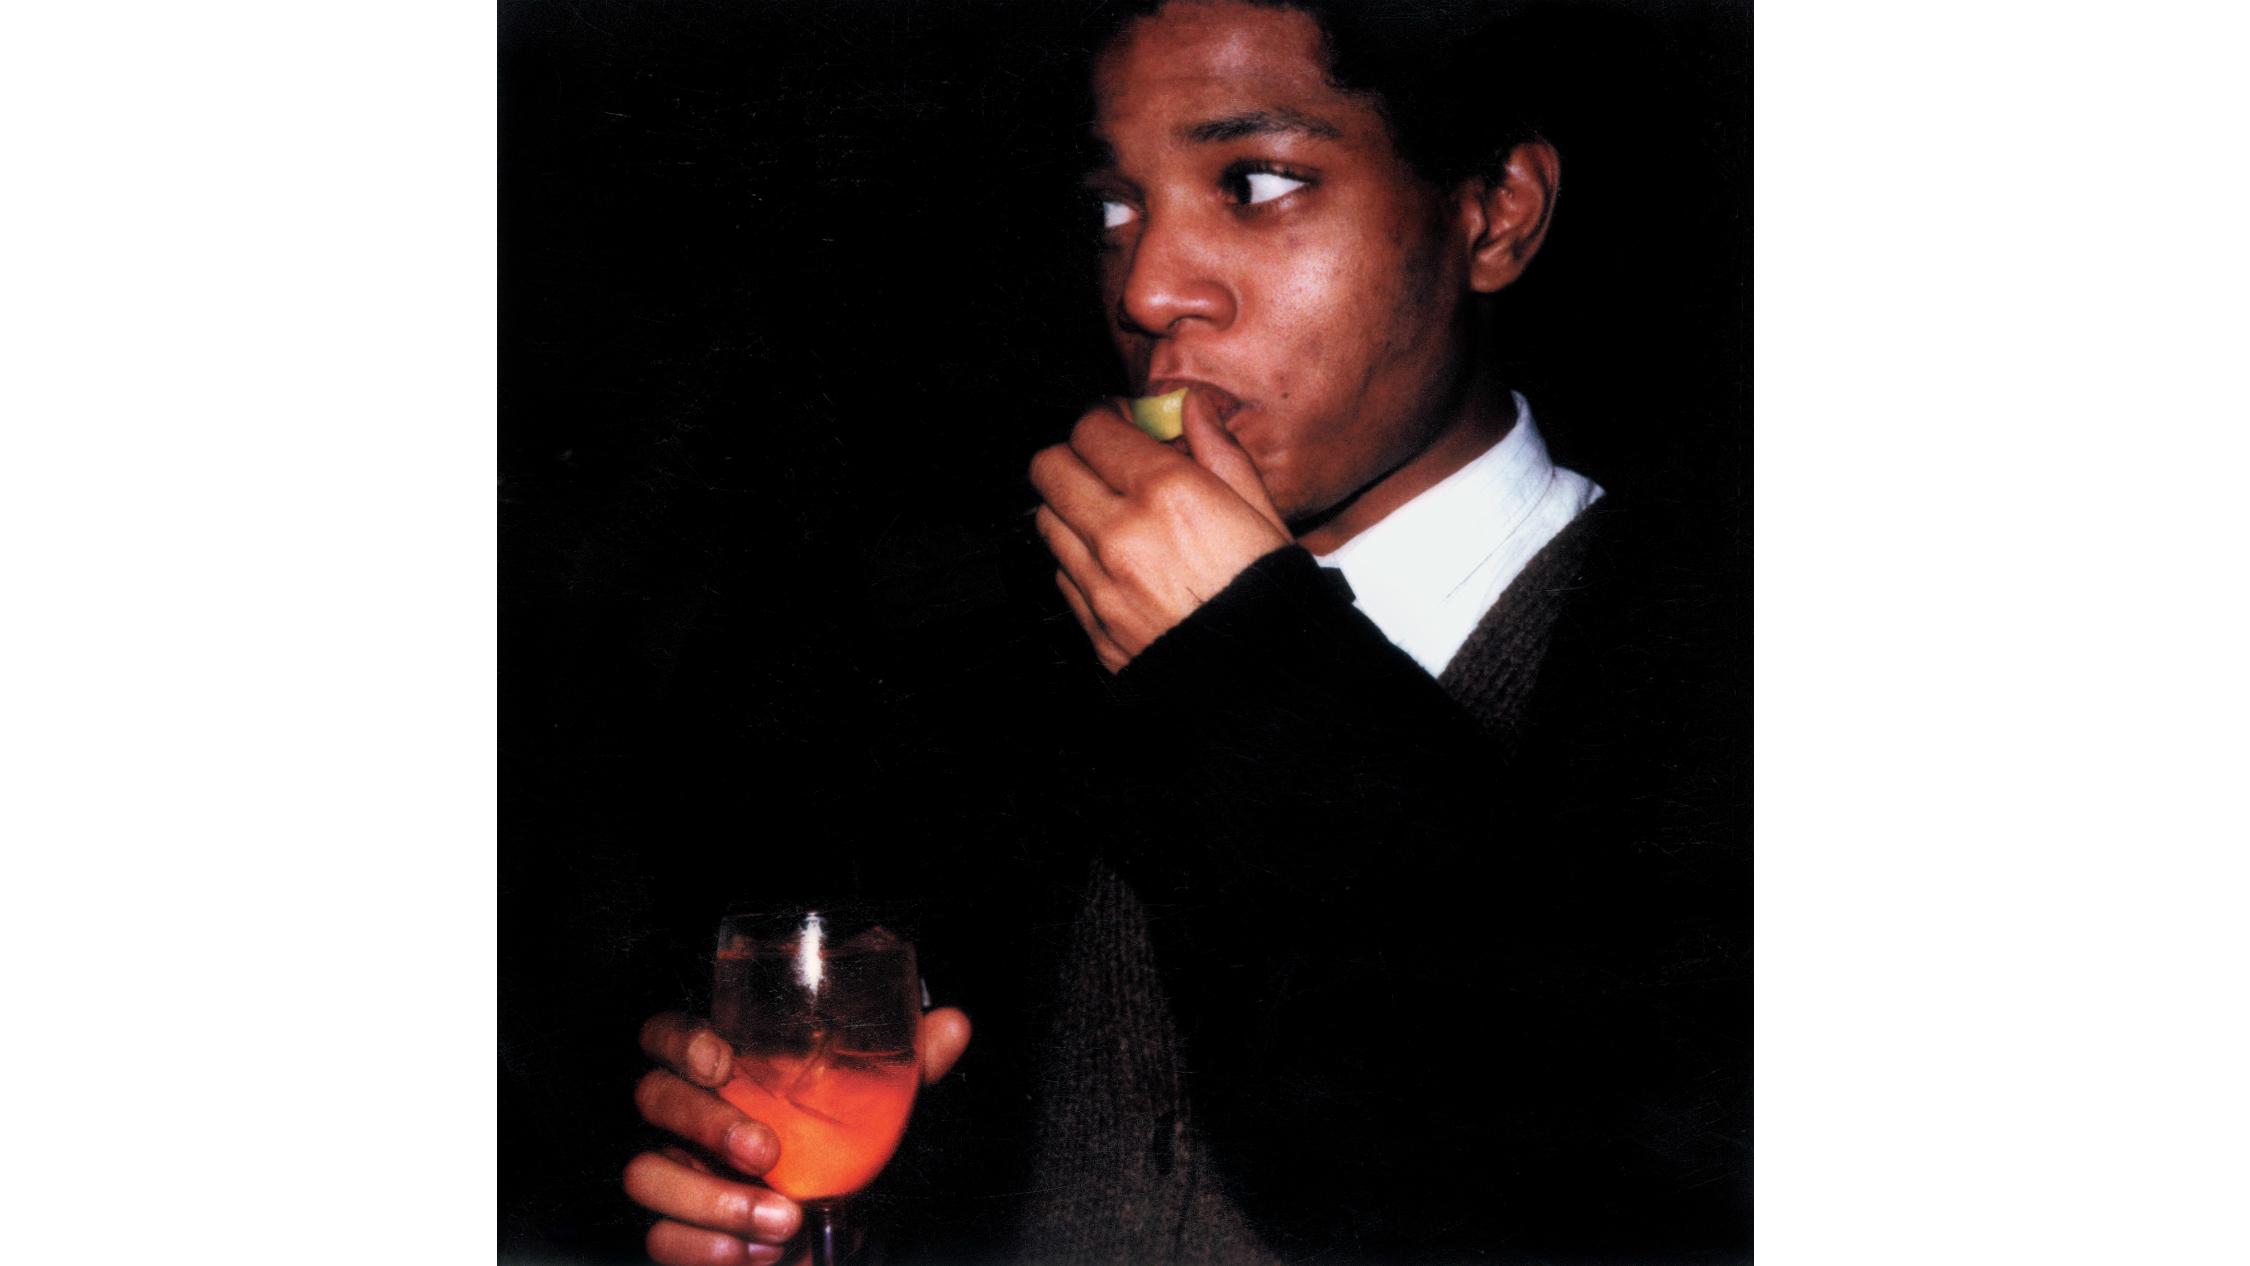 Basquiat-Haring NGV 2019 supplied. Credit: Maripol